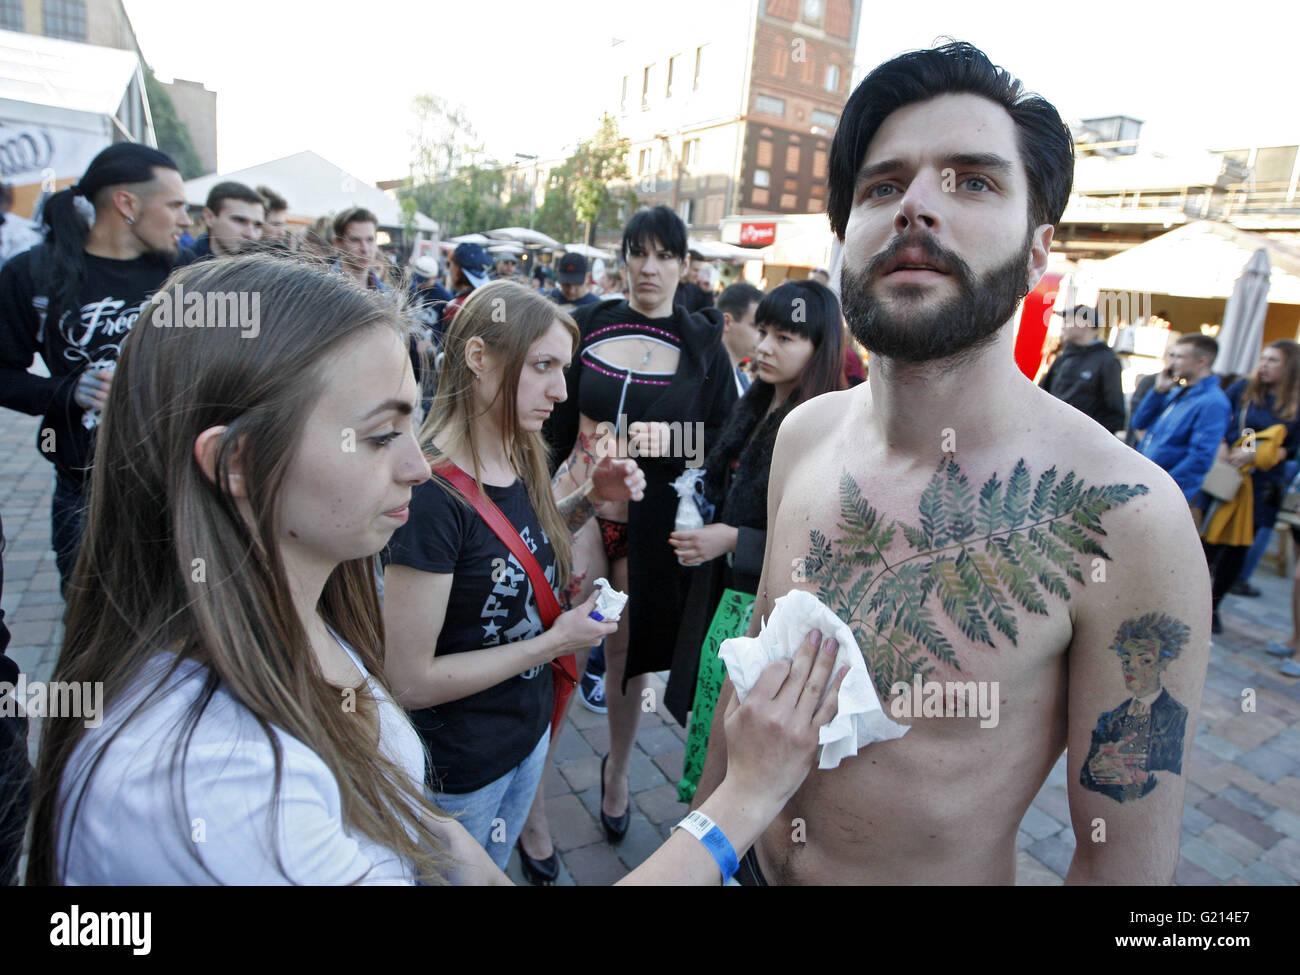 Mann tattoo beim Leistentattoo beim